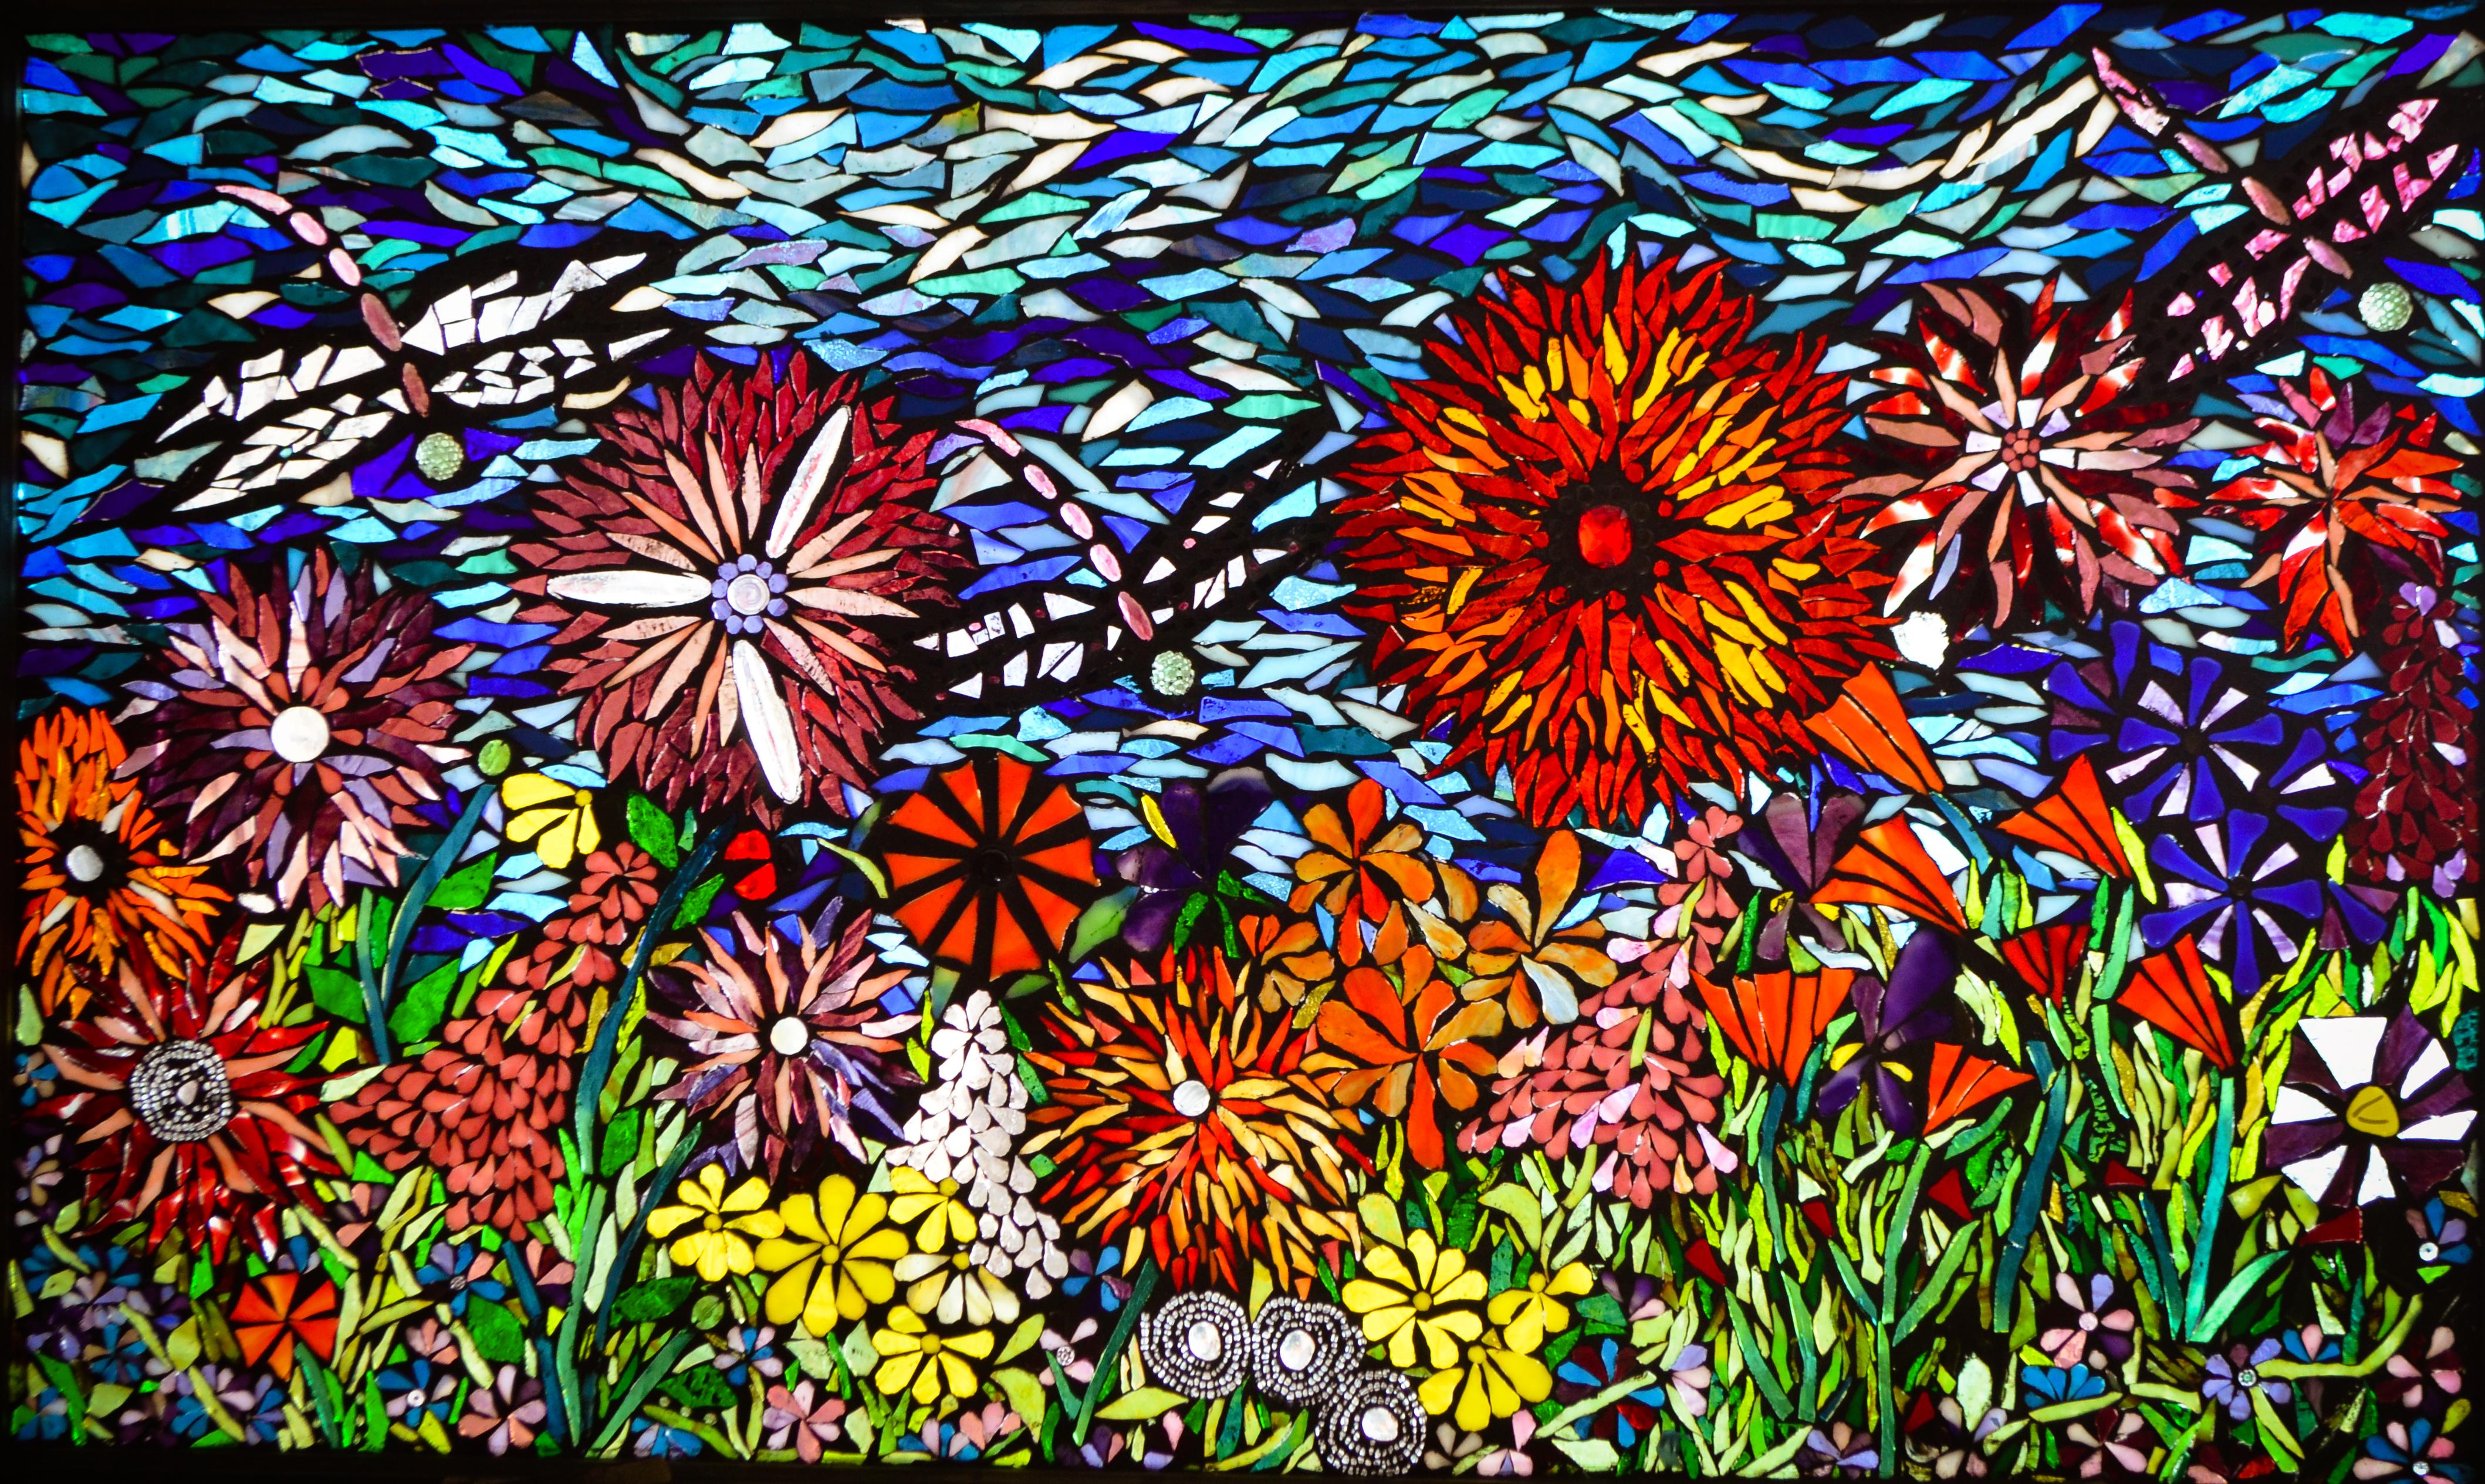 High Resolution Wallpaper | Mosaic 4235x2529 px